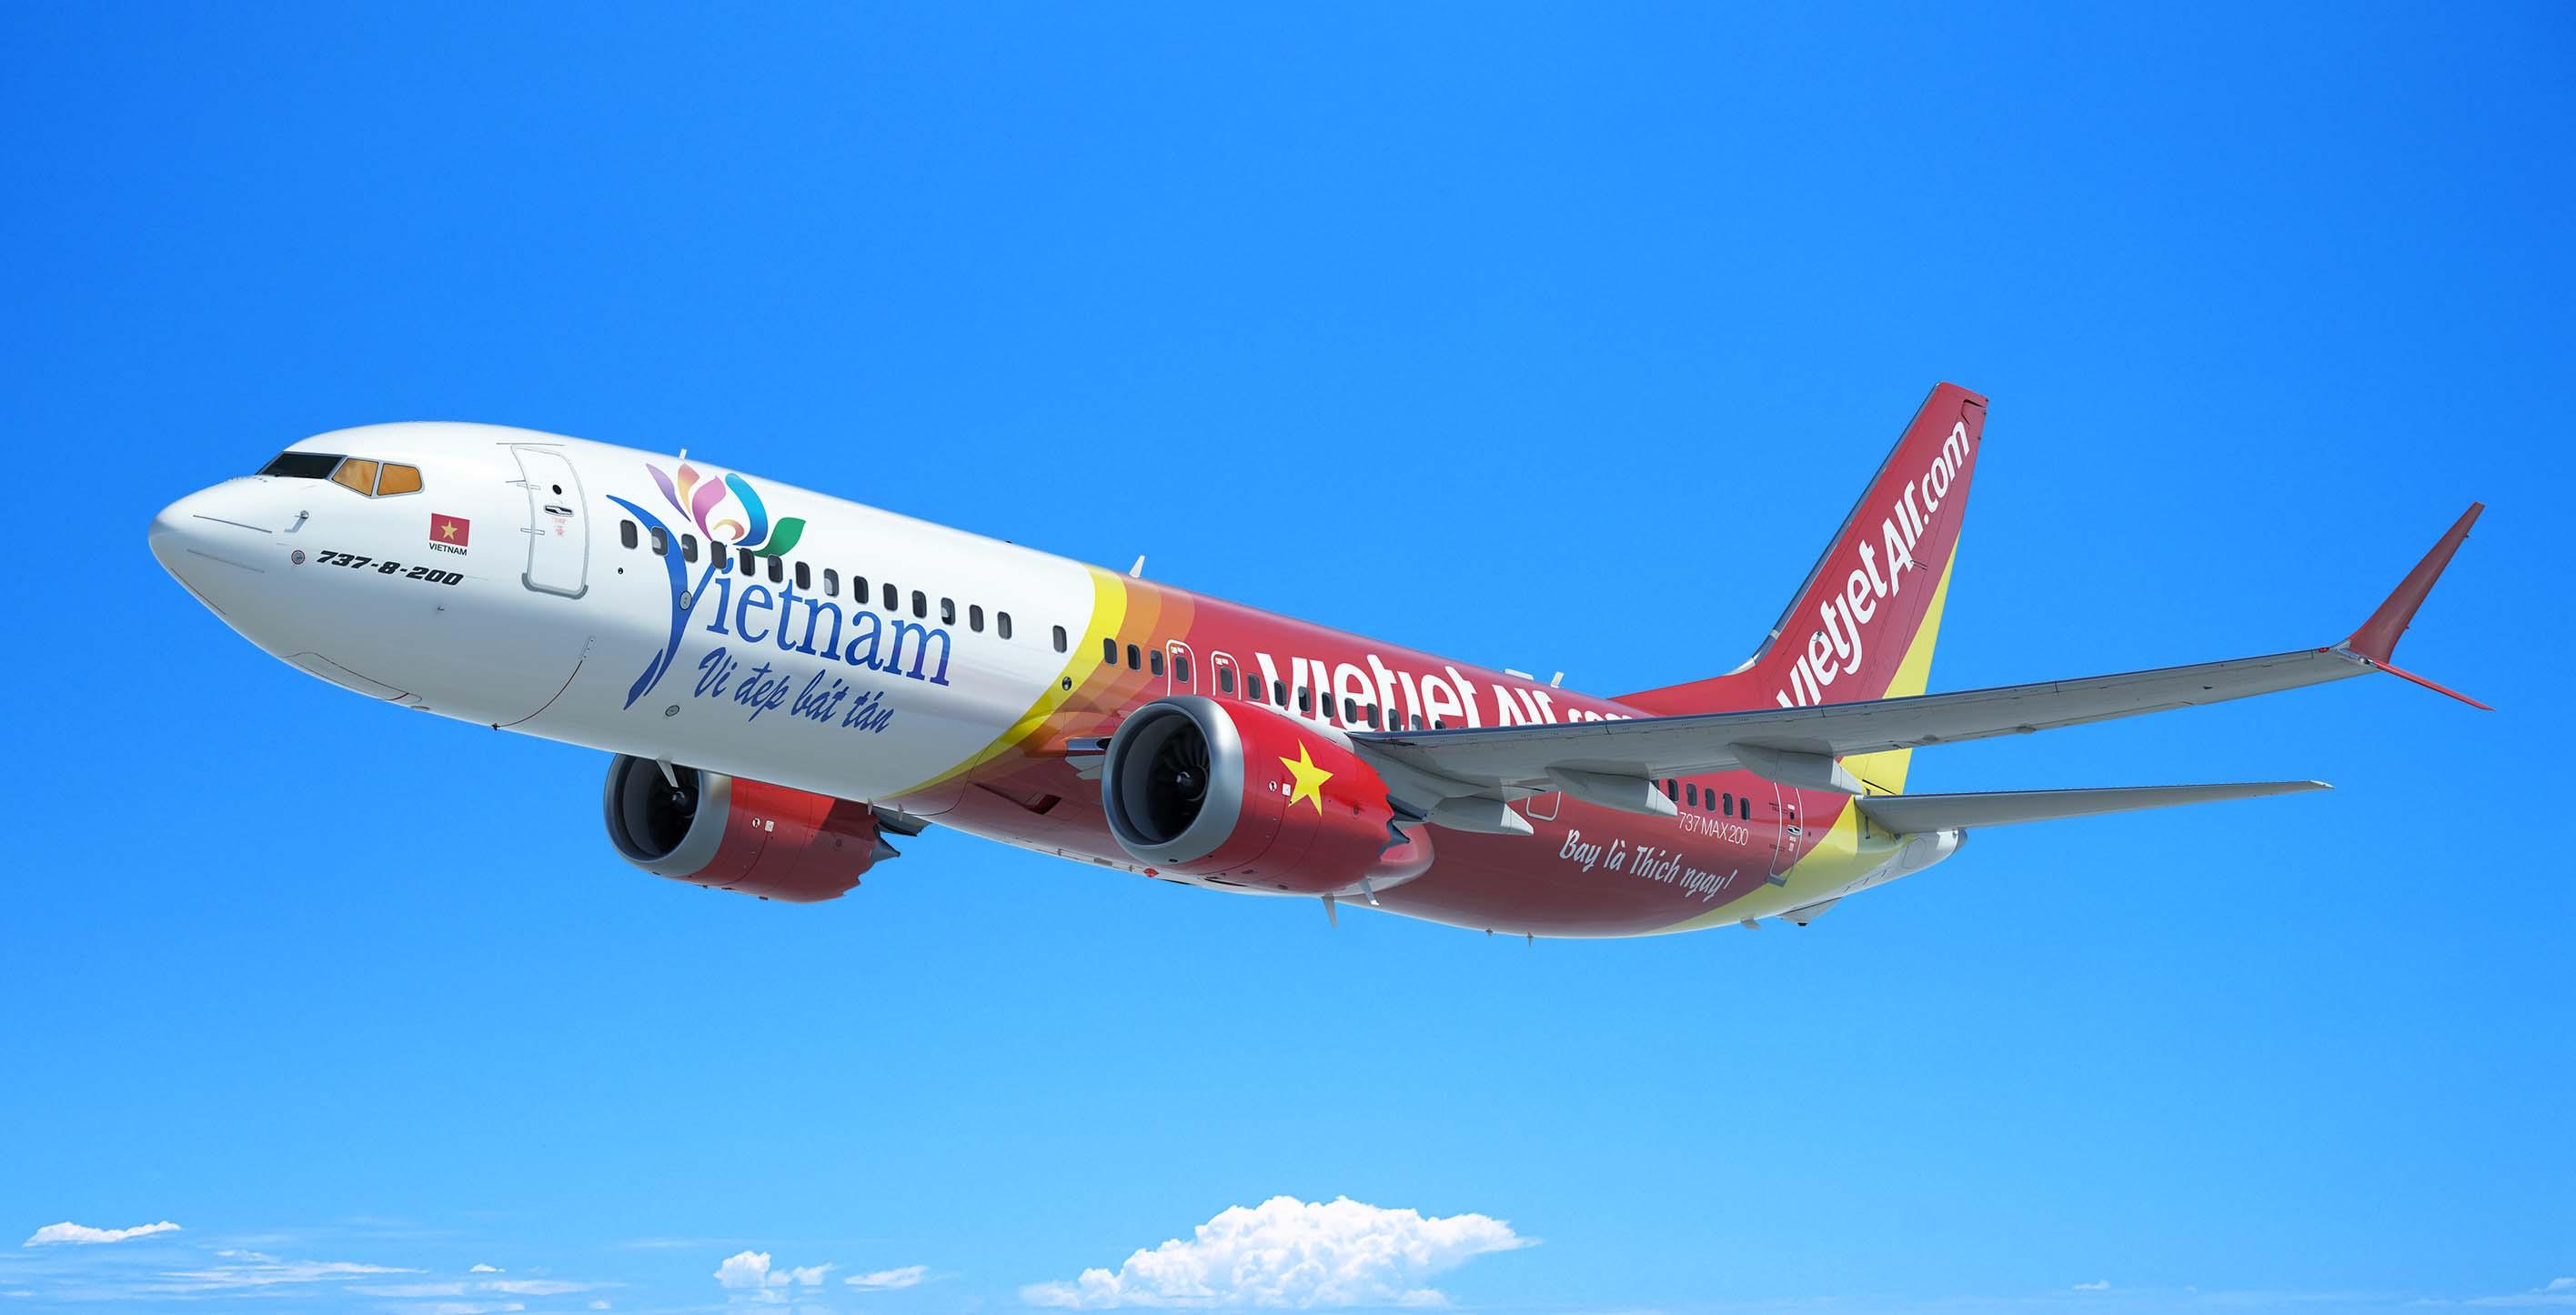 Vietjet comenzó sus operaciones en diciembre de 2001 y con estos Boeing 737 MAX su flota superará los 200 aviones.